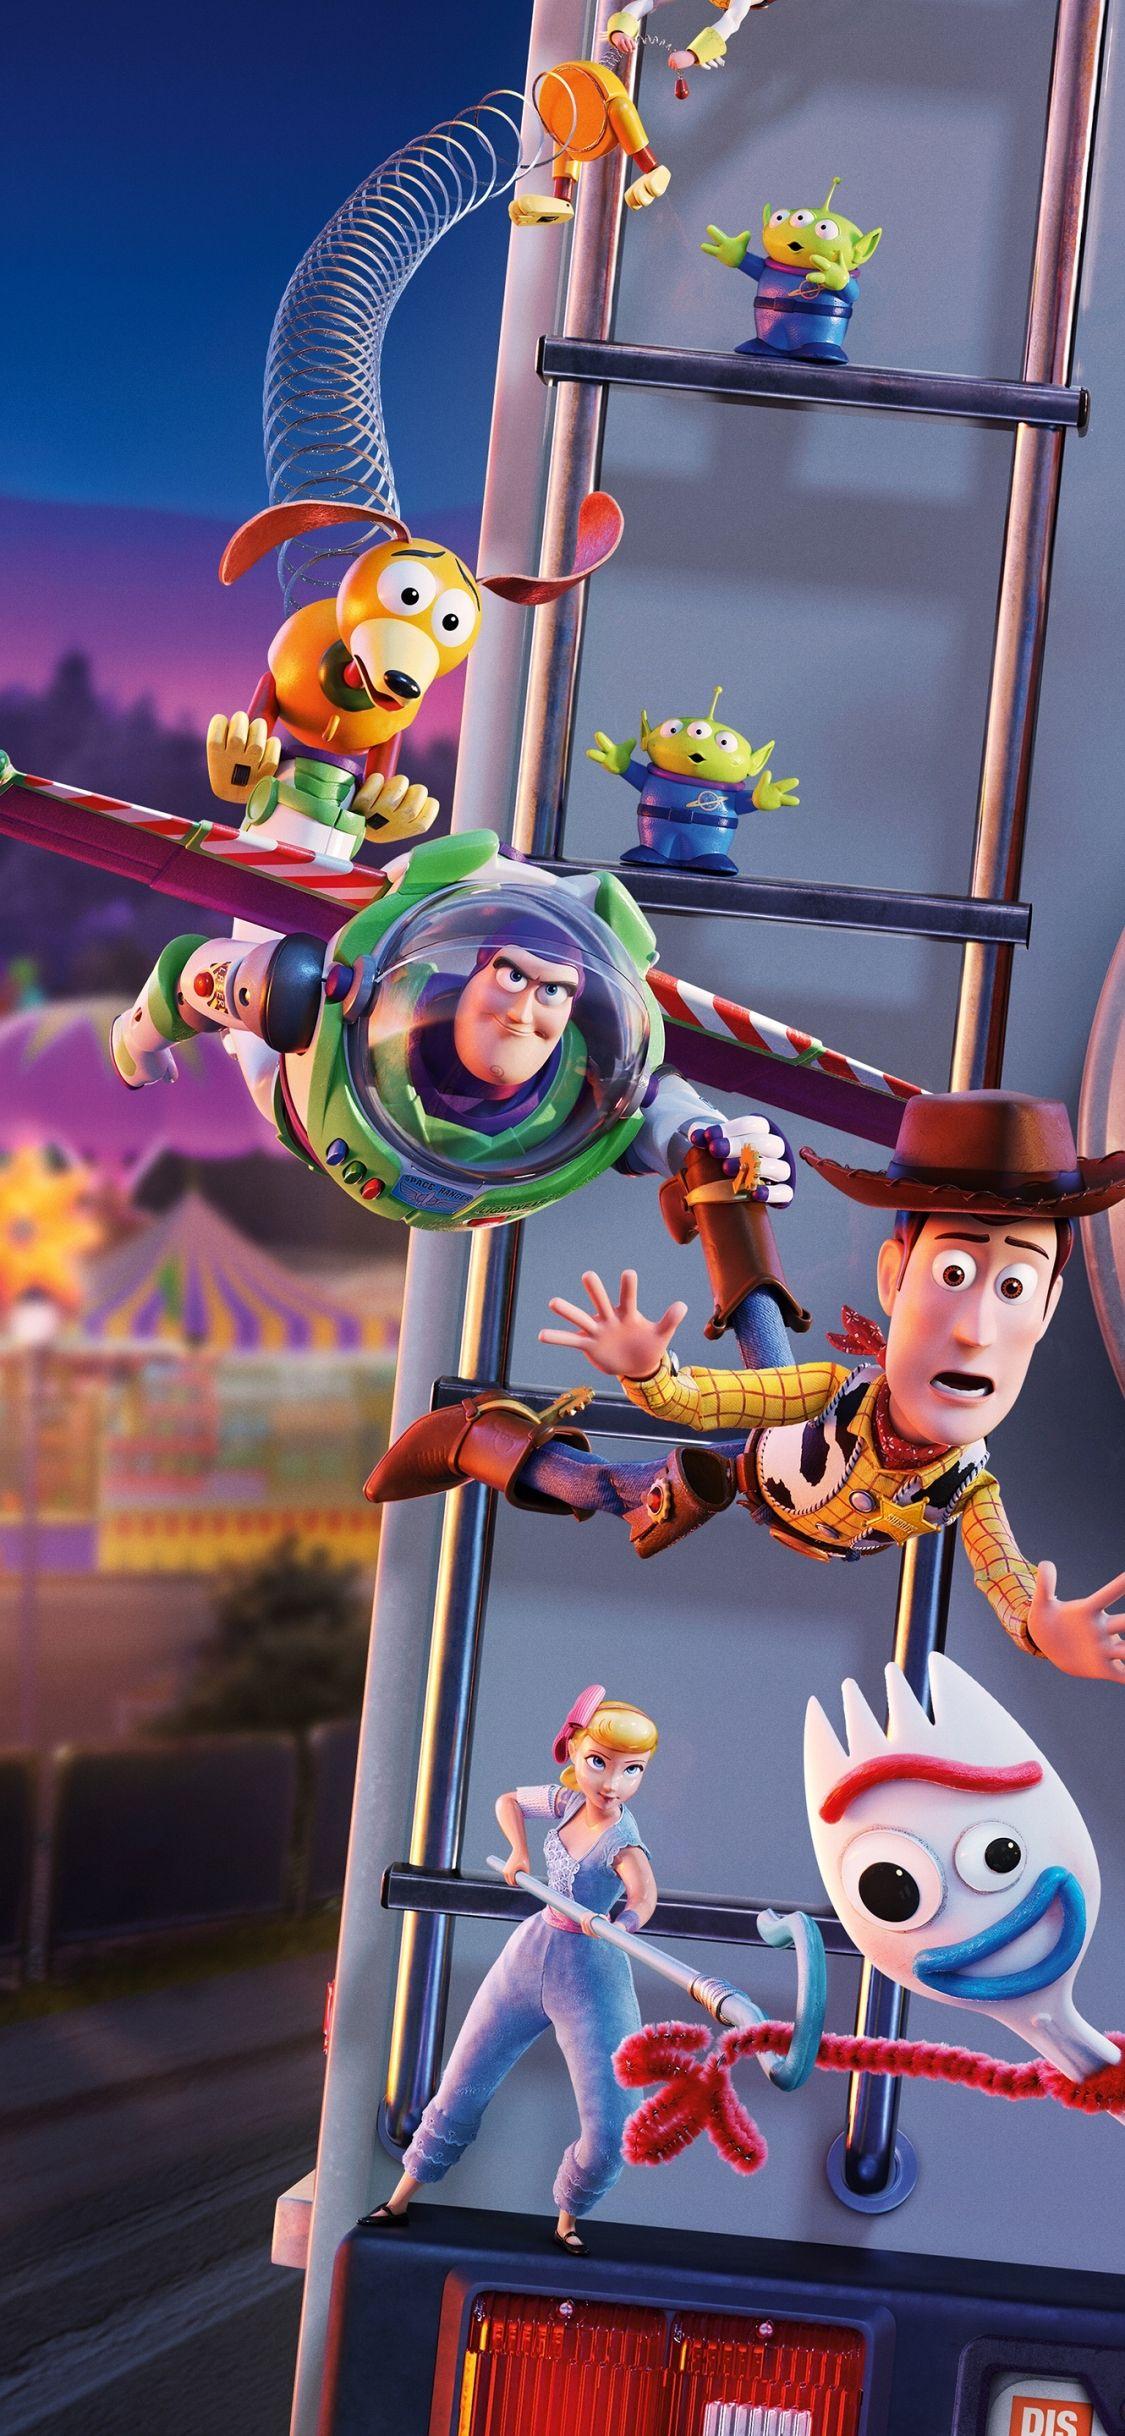 Toy Story 4 Fond D Ecran De Cellulaire De Disney 101 Clubboxingday Boxingday Soldesenligne Rabais Shopping Disney Wallpaper Wallpaper S Wallpaper